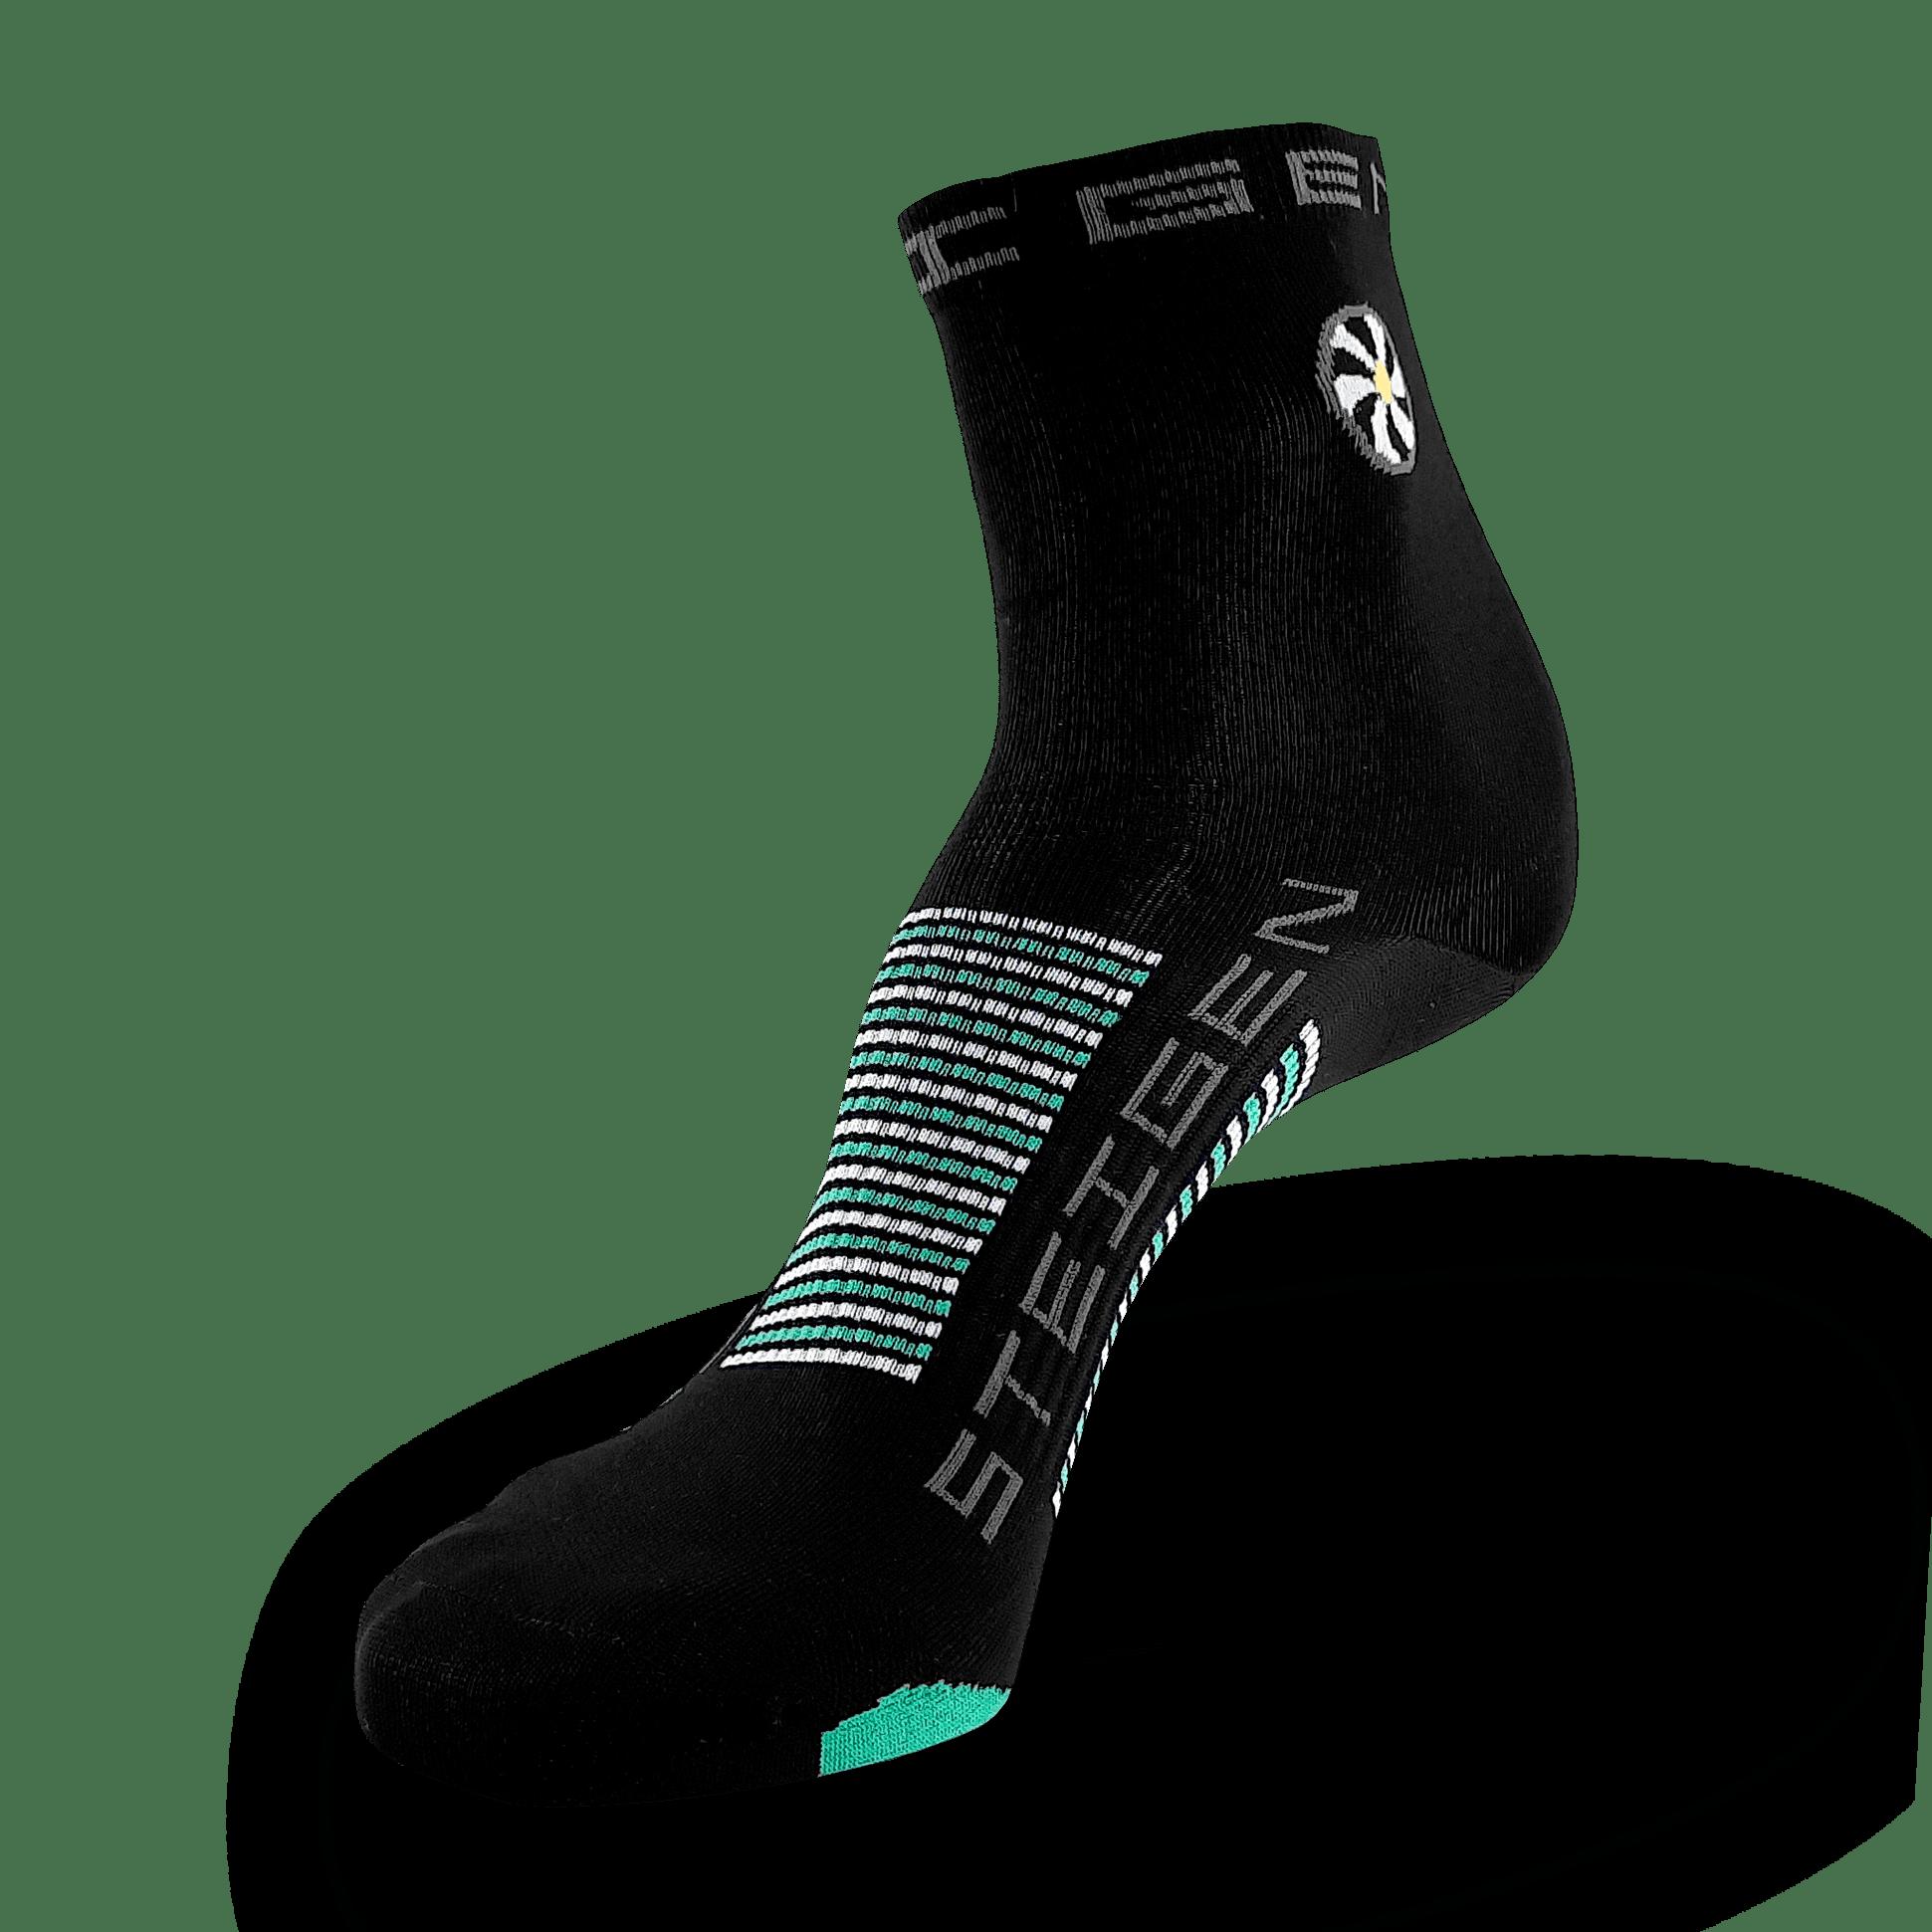 Black Running Socks ½ Length